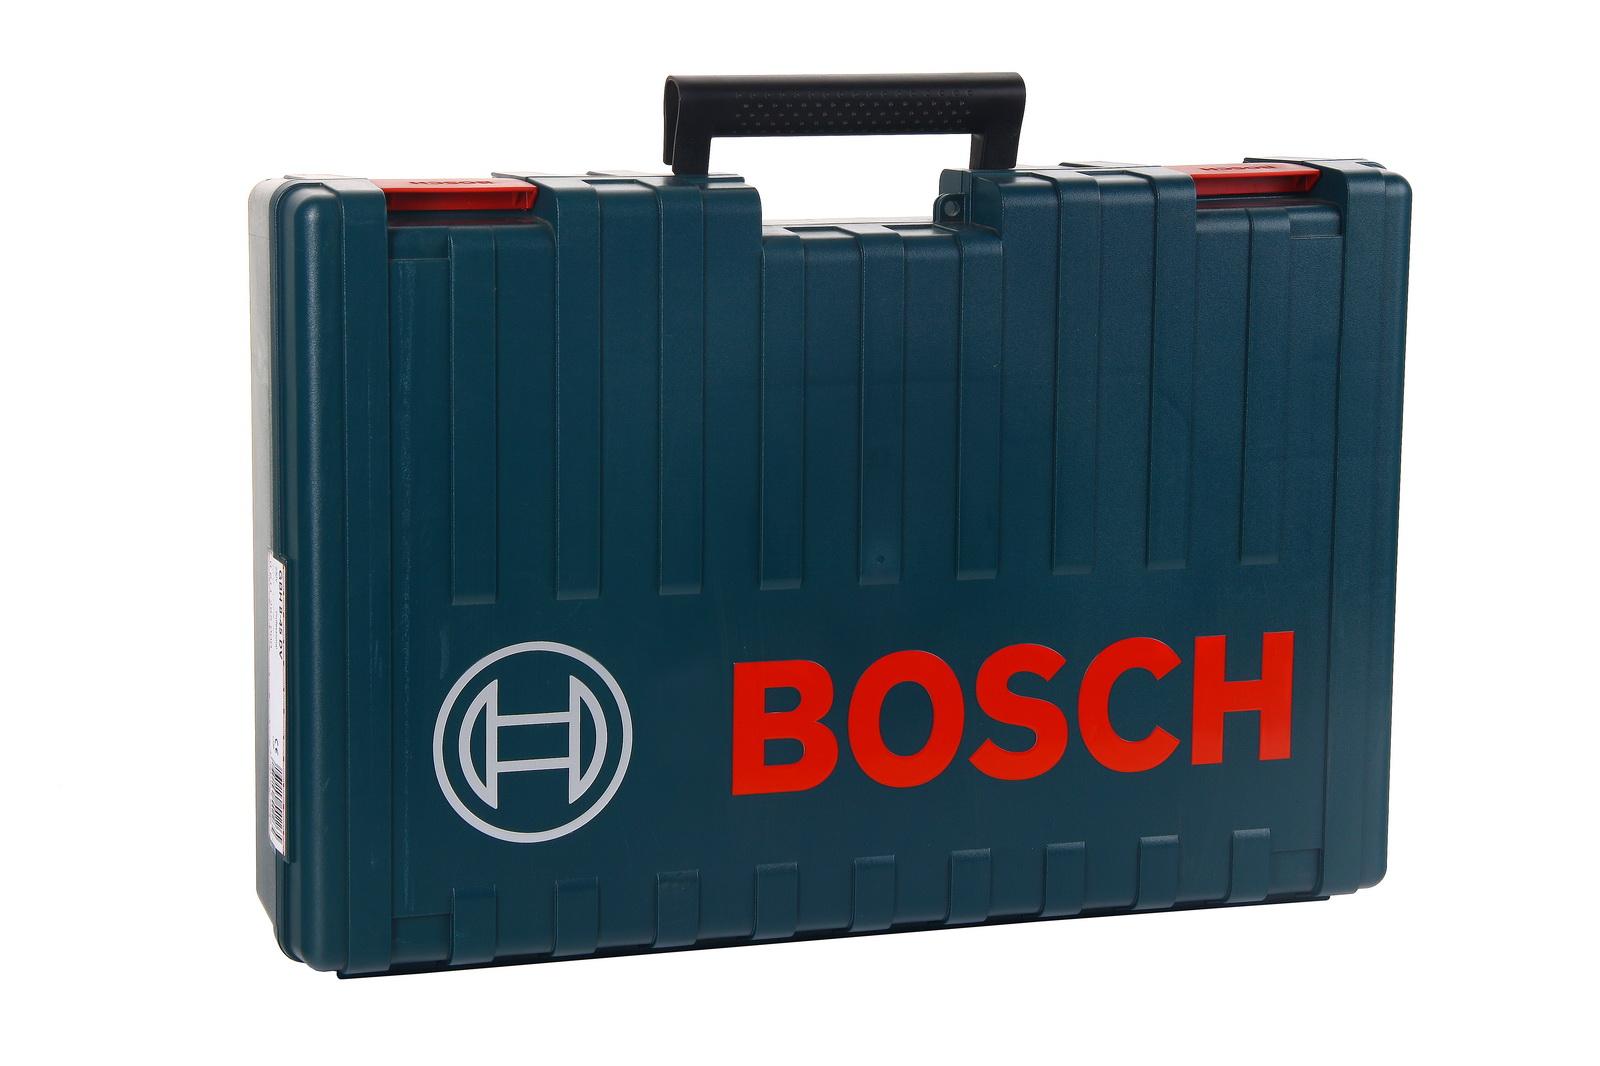 Перфоратор Bosch Gbh 8-45 dv (0.611.265.000)